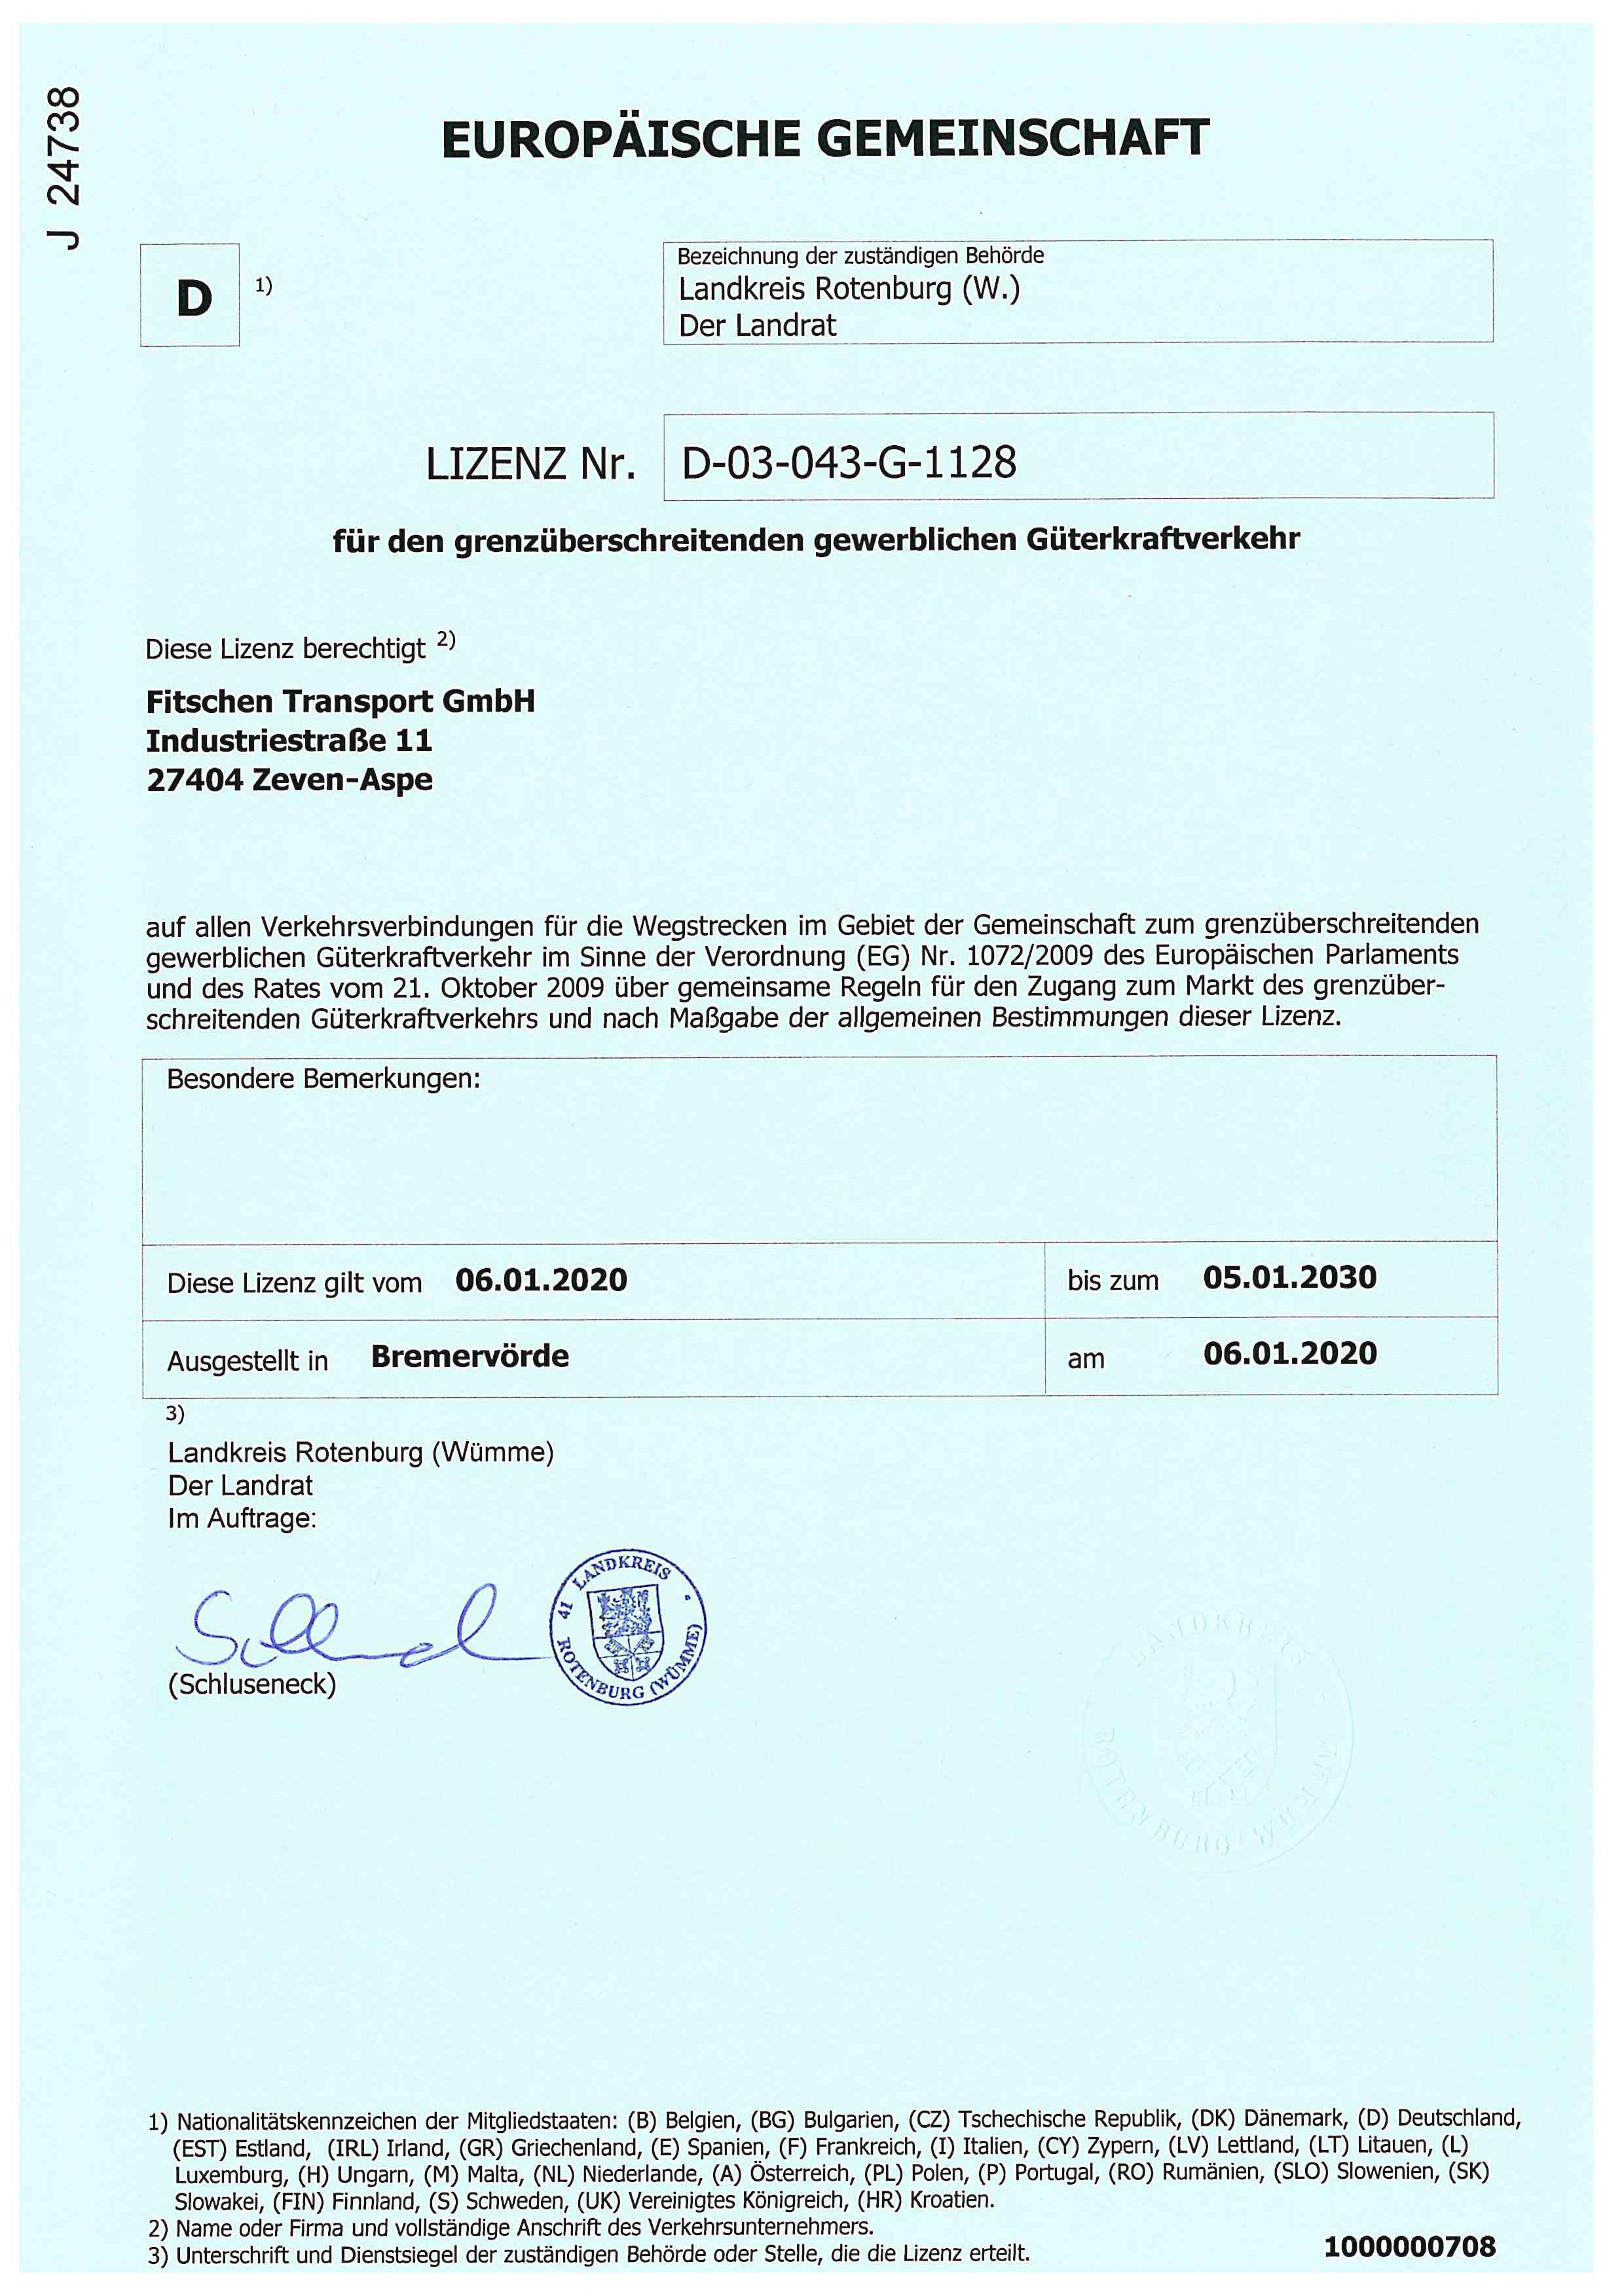 EU-Lizenz Fitschen Transport GmbH